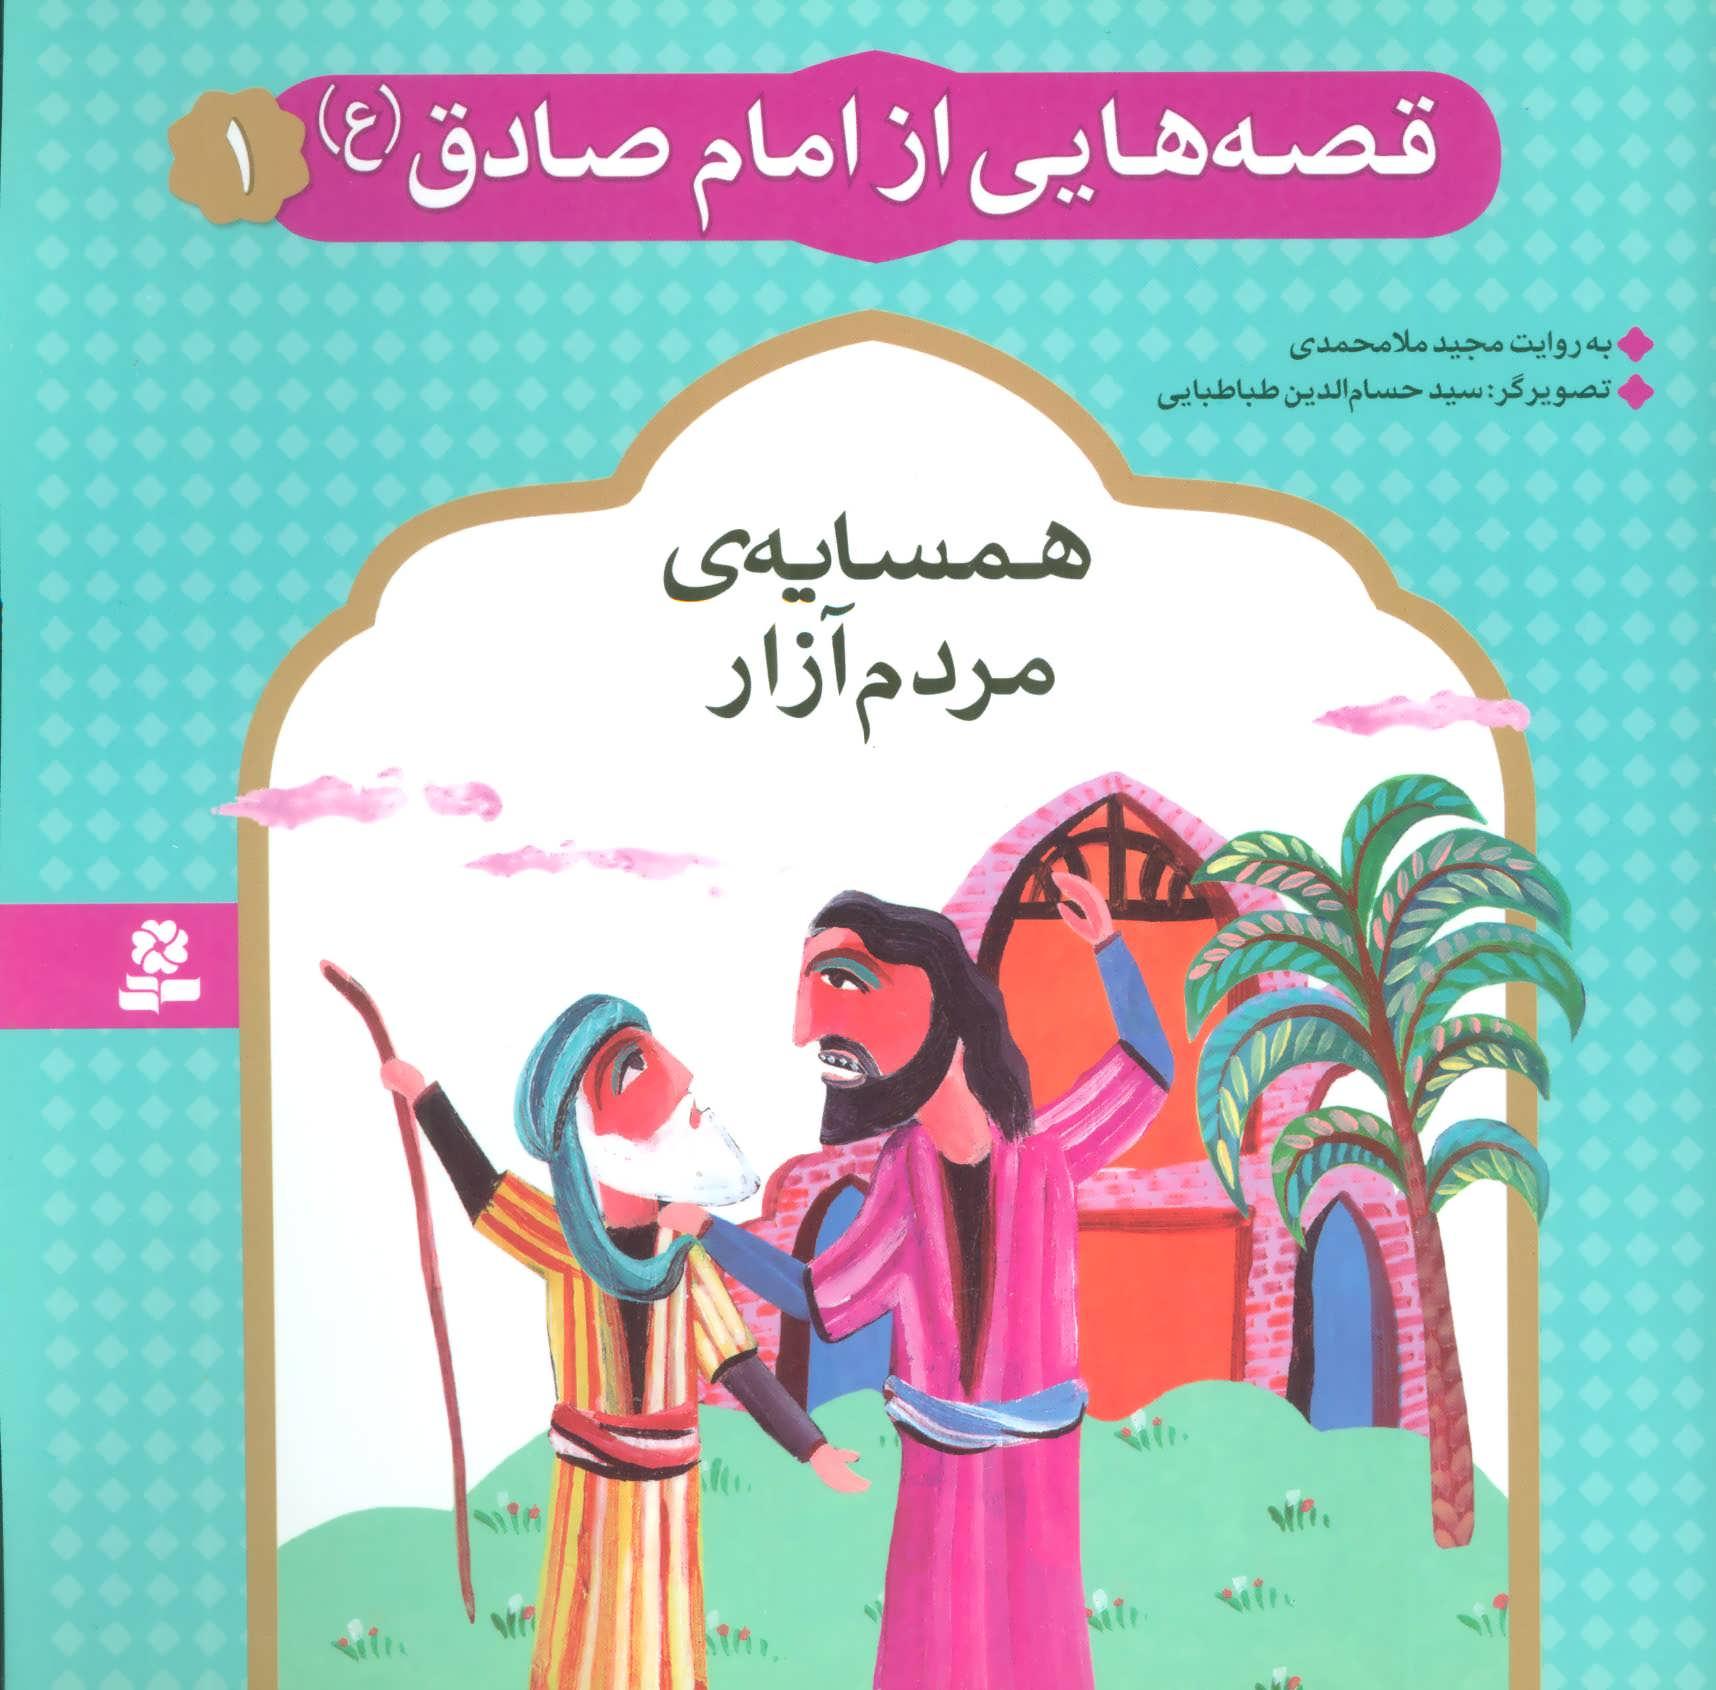 قصه هایی از امام صادق (ع) 1 (همسایه ی مردم آزار)،(گلاسه)